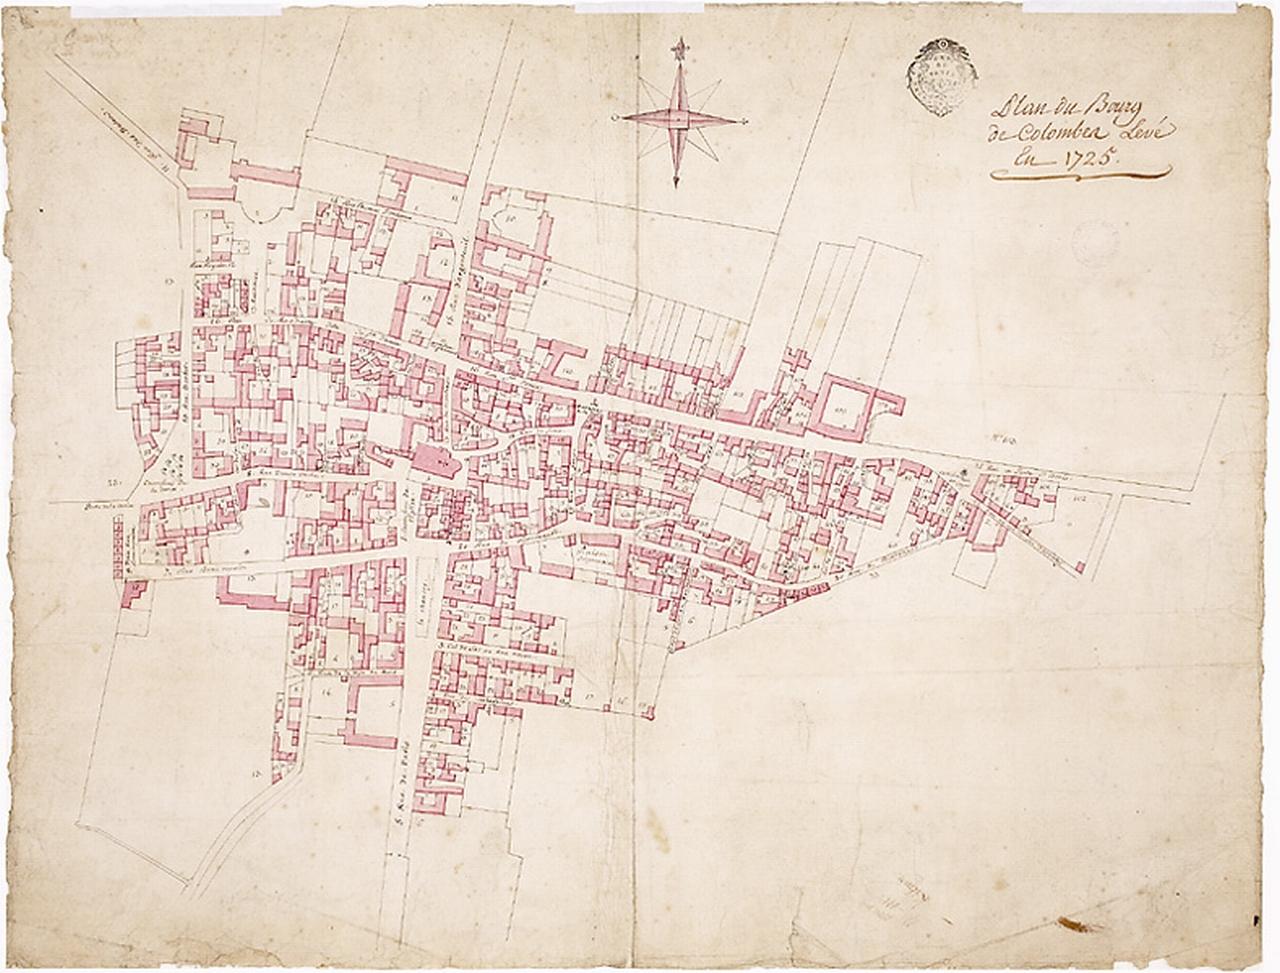 Plan du Bourg de Colombes levé en 1725 - Aquarelle sur papier collé sur toile -Musée du Domaine départemental de Sceaux.